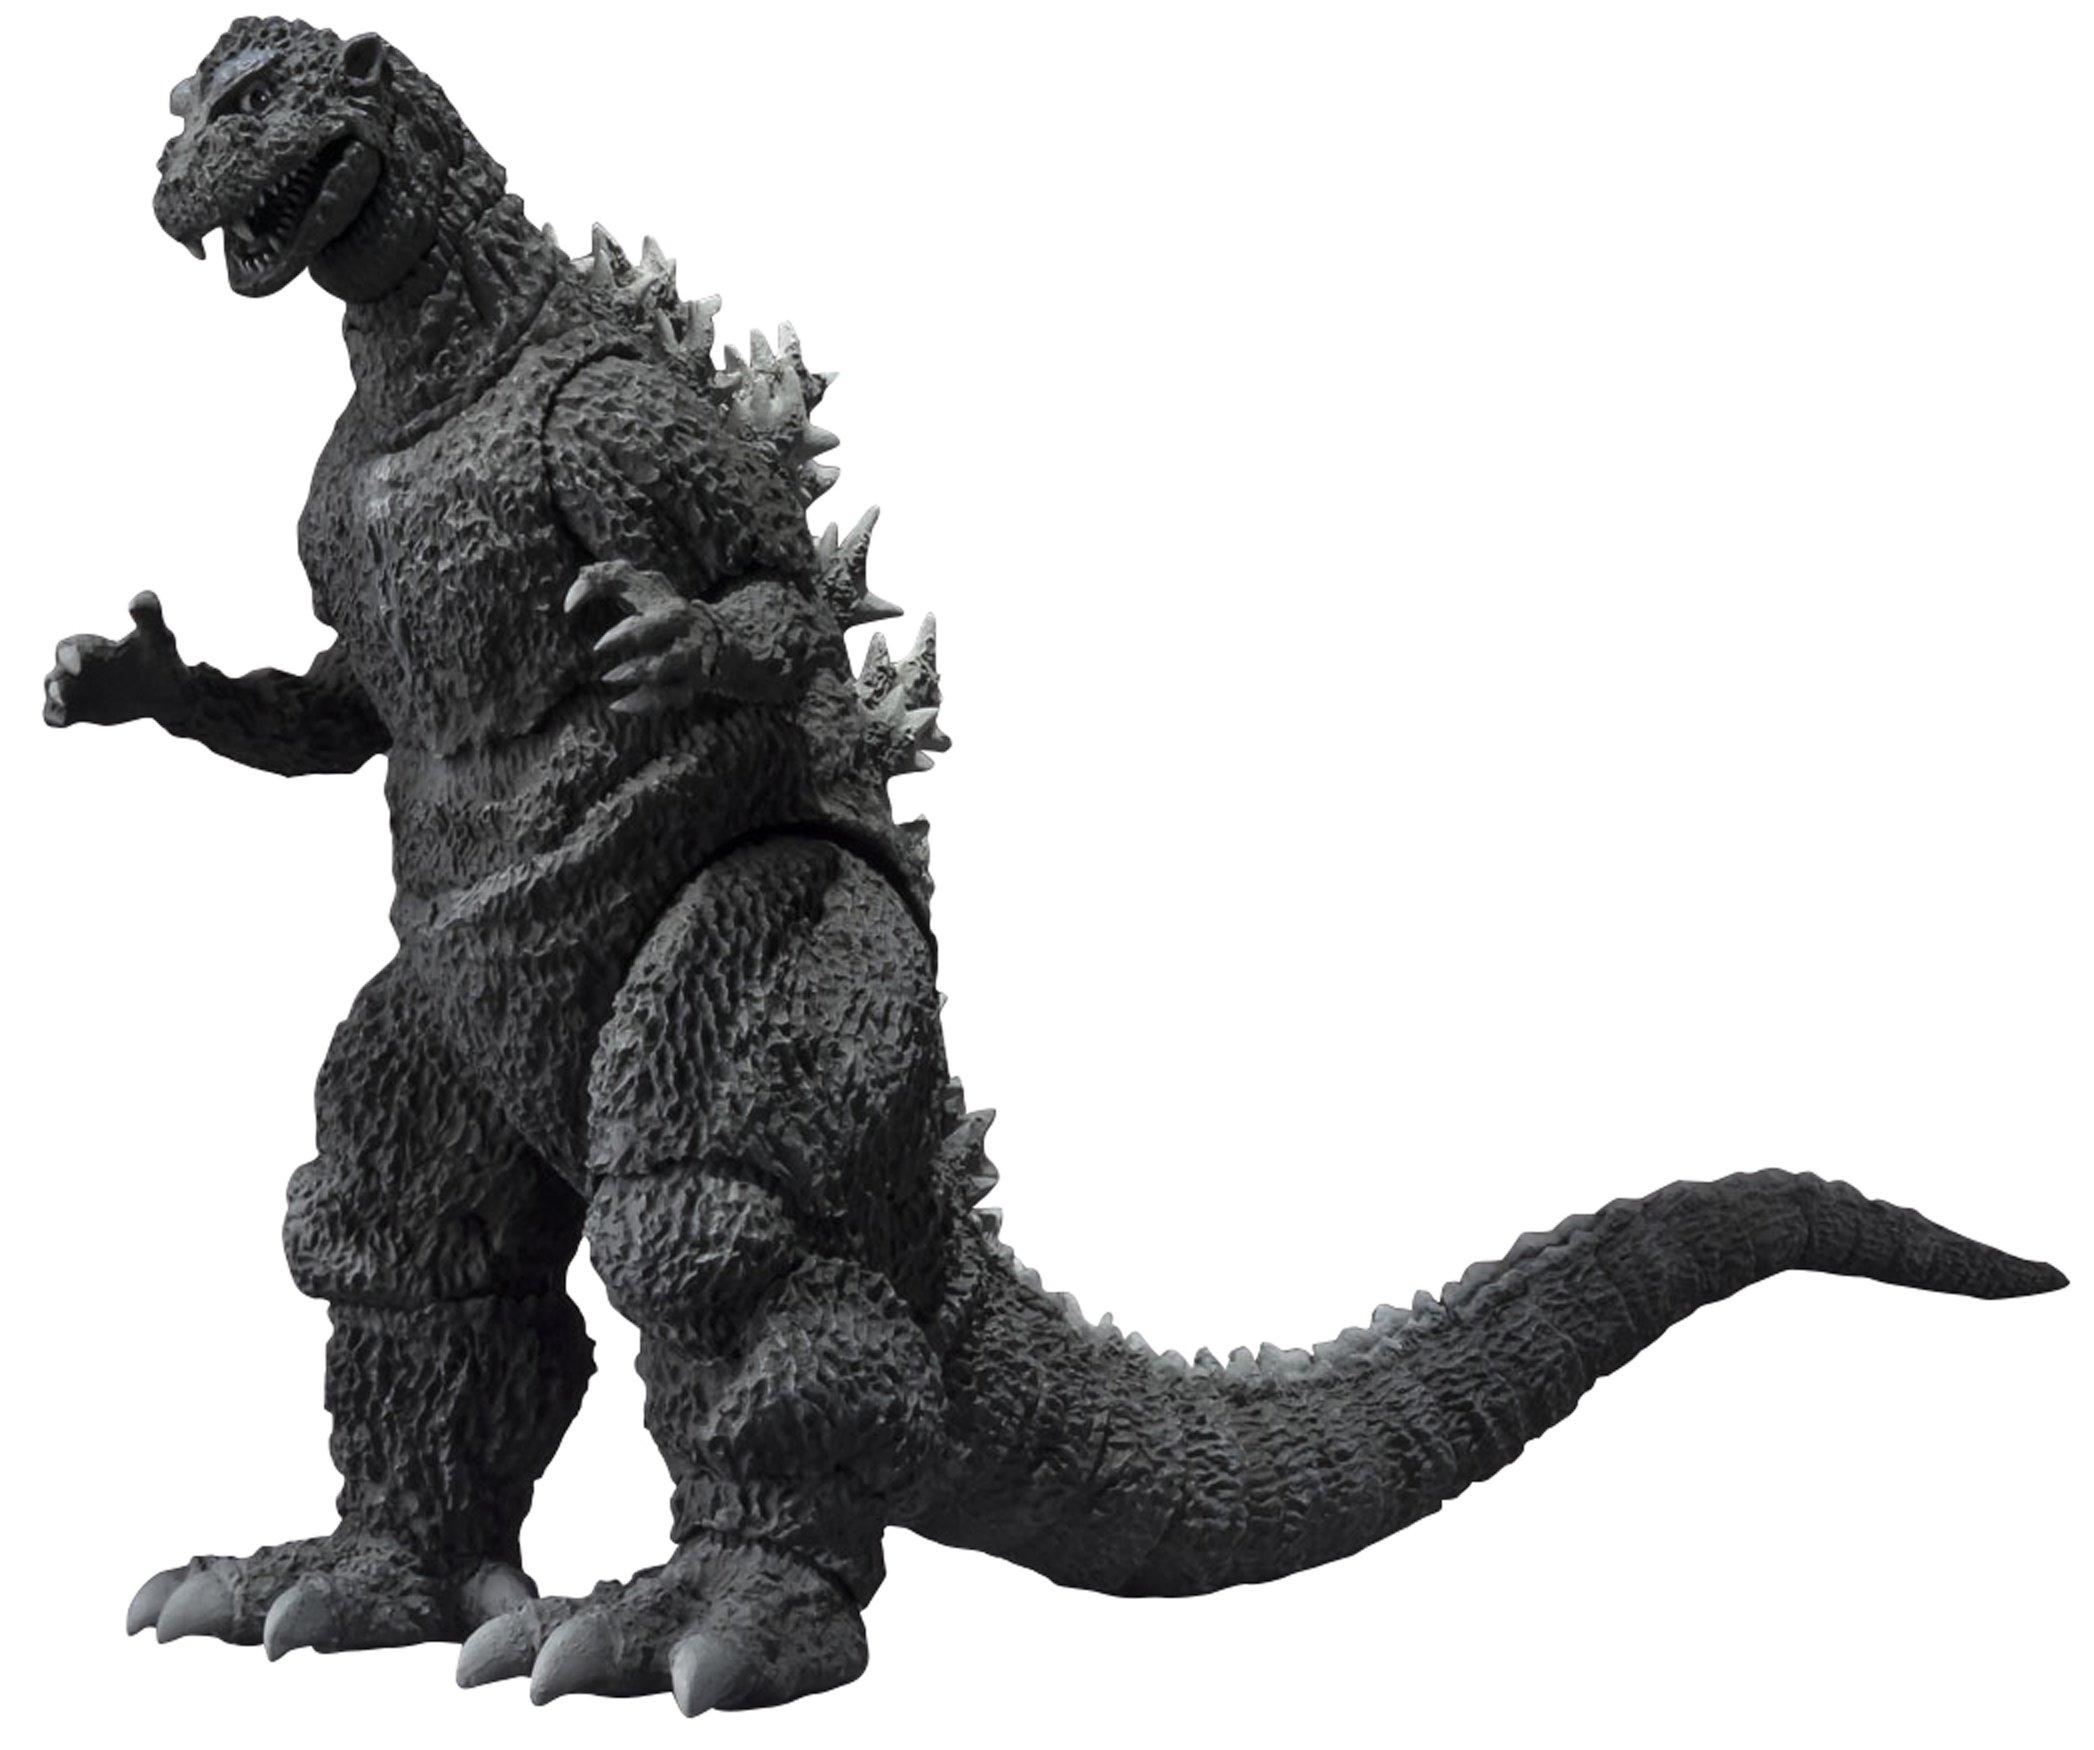 Bandai Hobby S.H. Monsterarts Godzilla 1954 Action Figure by Bandai Hobby (Image #8)